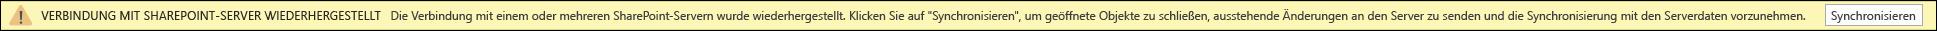 Klicken Sie auf Synchronisieren, um erneut eine Verbindung mit dem SharePoint-Server herzustellen.